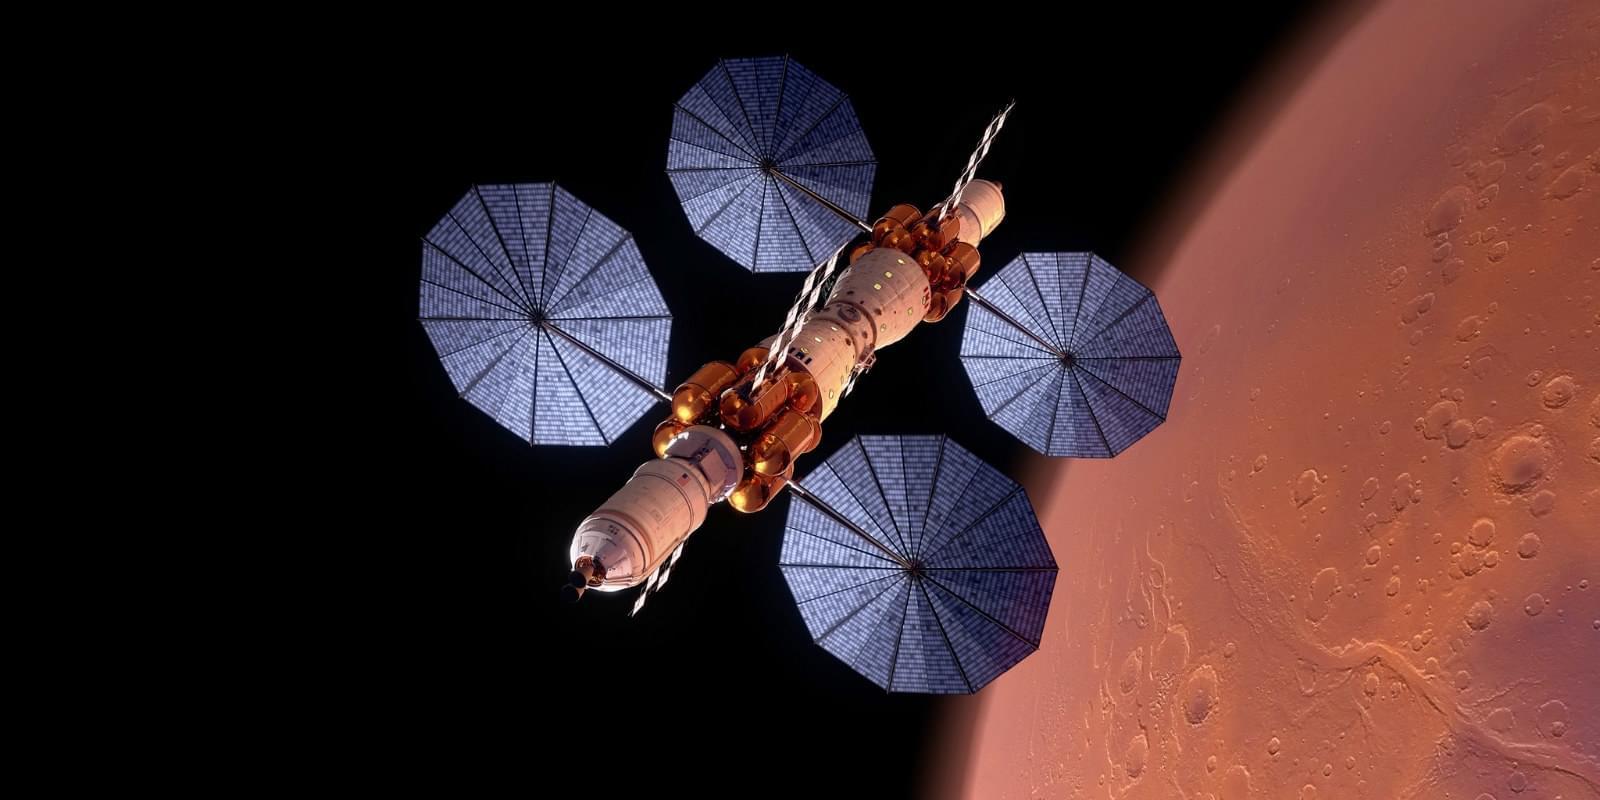 除了马斯克 美国这家公司也想送人类上火星